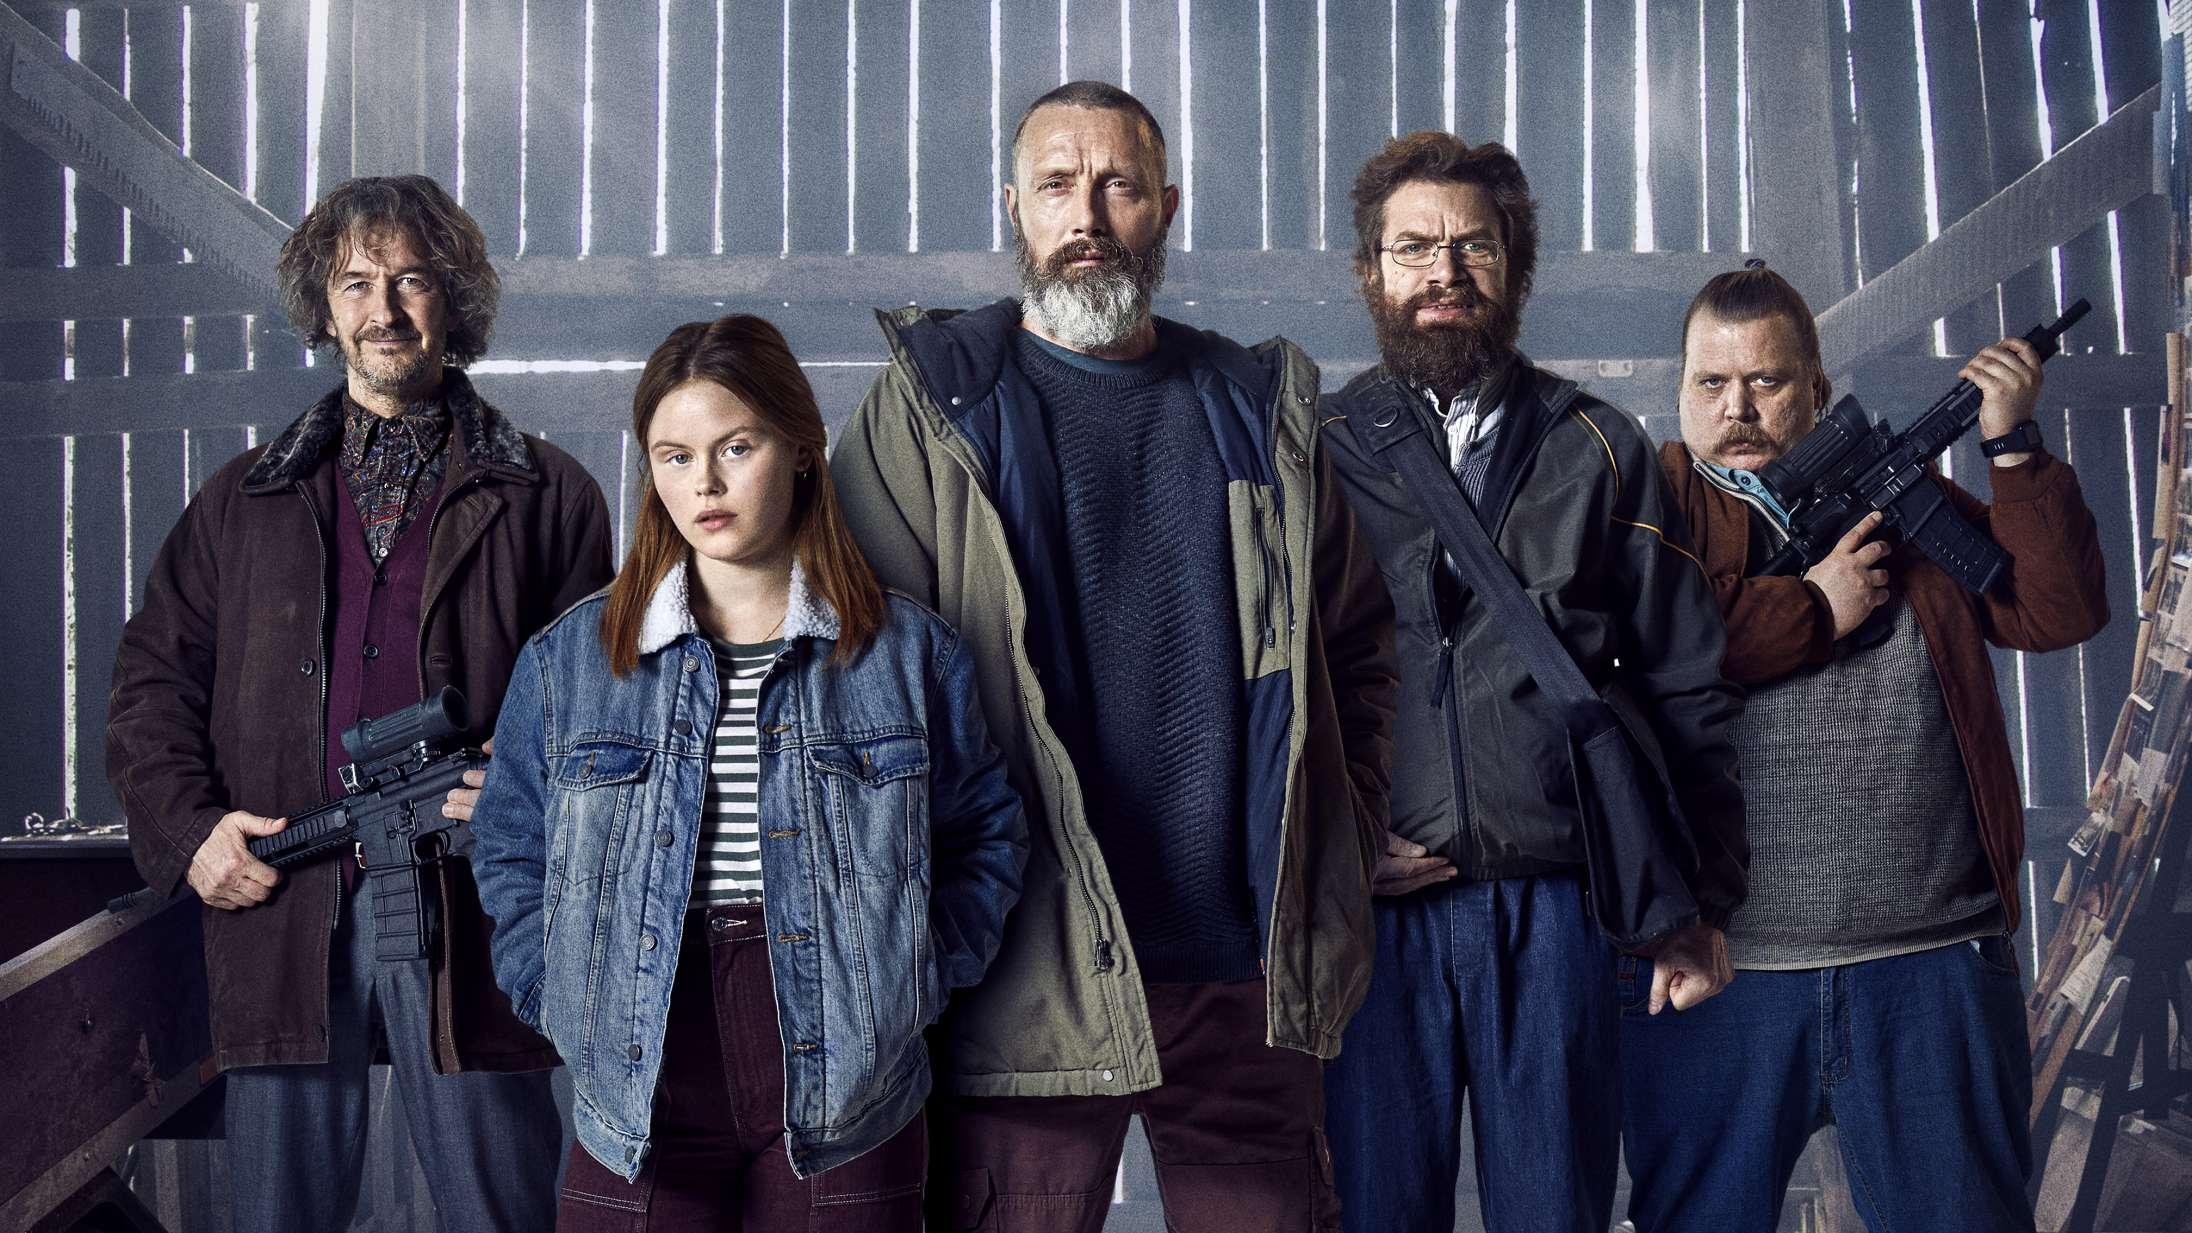 Anders Thomas Jensens  'Retfærdighedens ryttere' kommer hurtigere til biograferne end planlagt – se det nye klip fra filmen